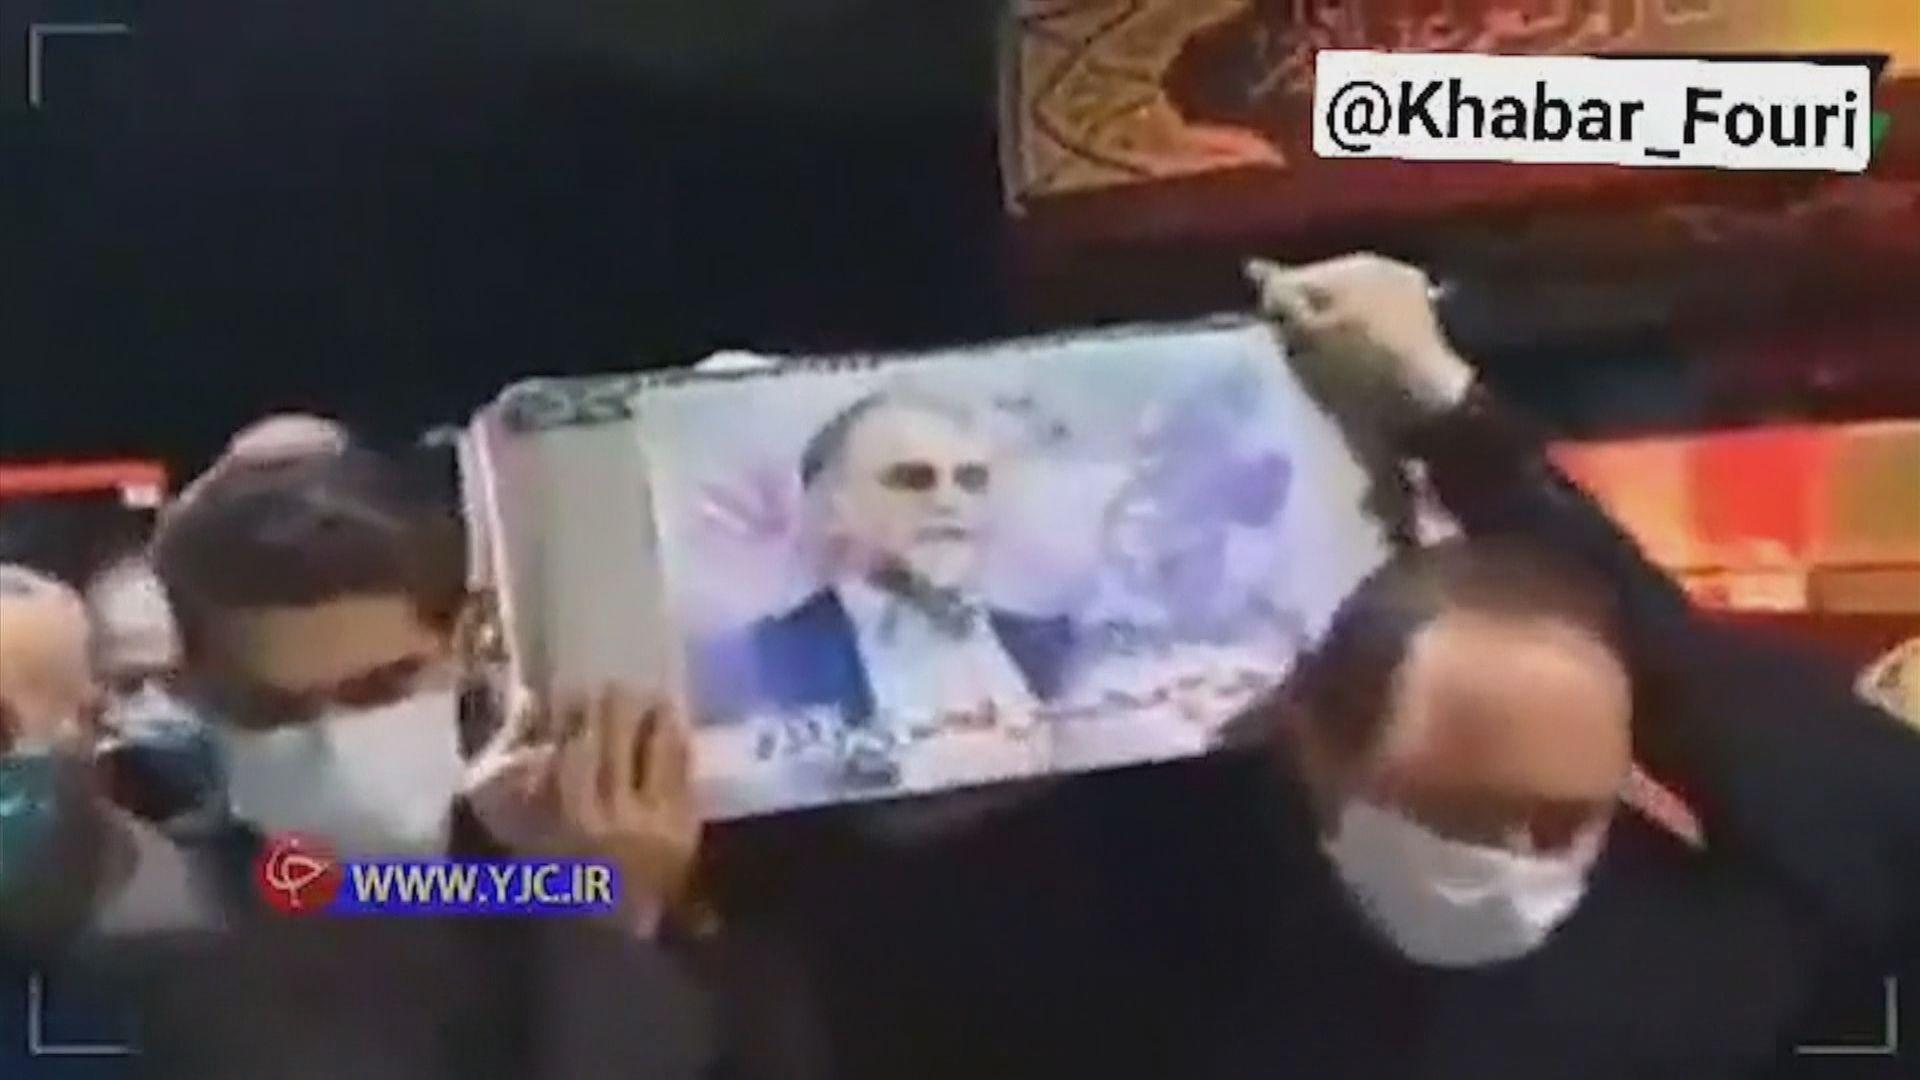 遇襲身亡伊朗核子科學家舉殯